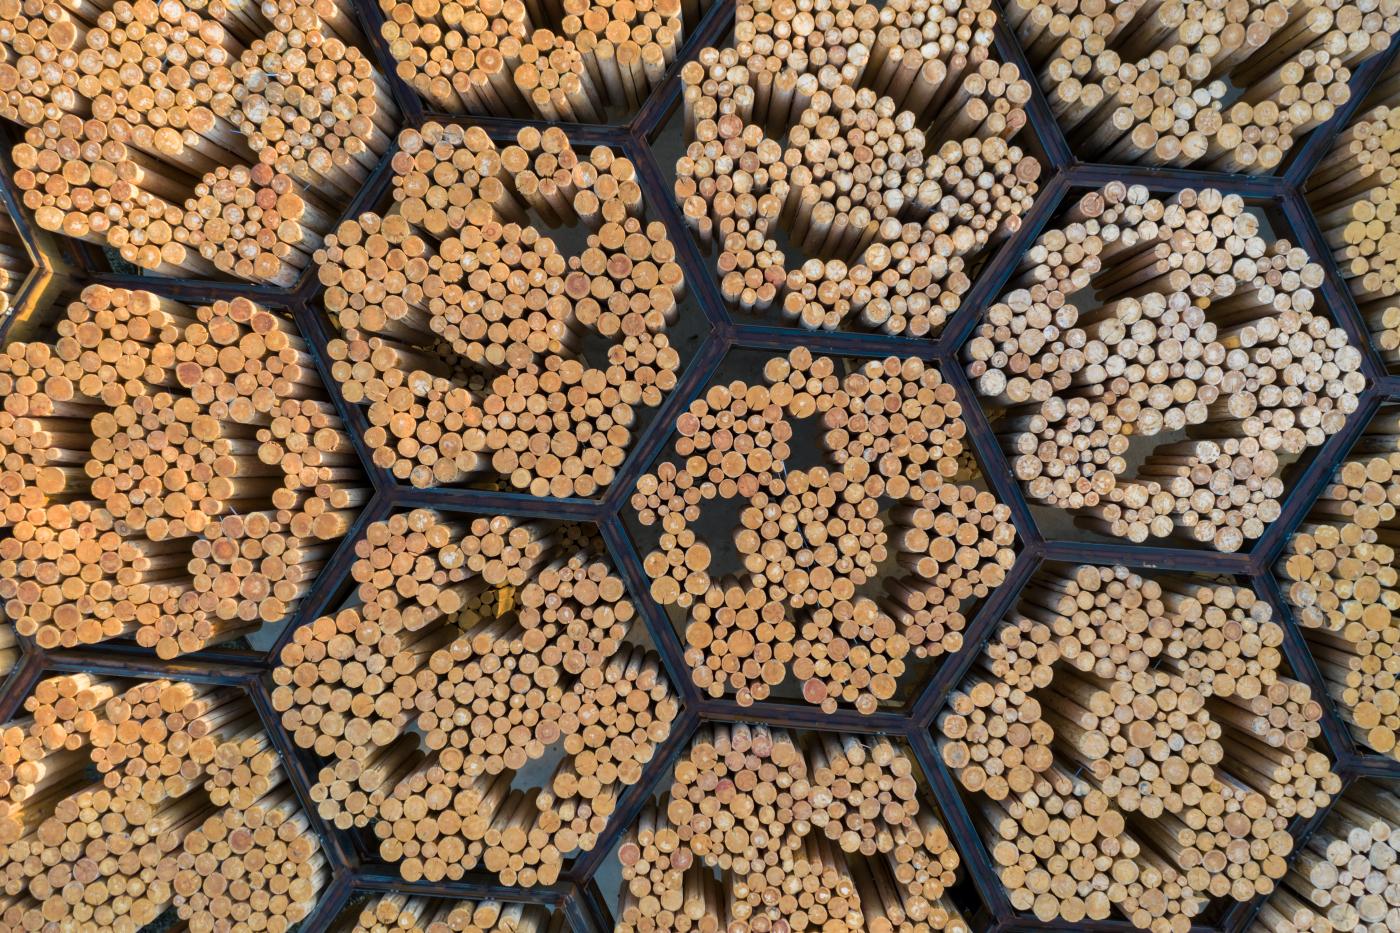 Detalhe estrutural do pavilhão nos Estados Unidos, que explora ao mesmo tempo formas orgânicas e geométricas da madeira.